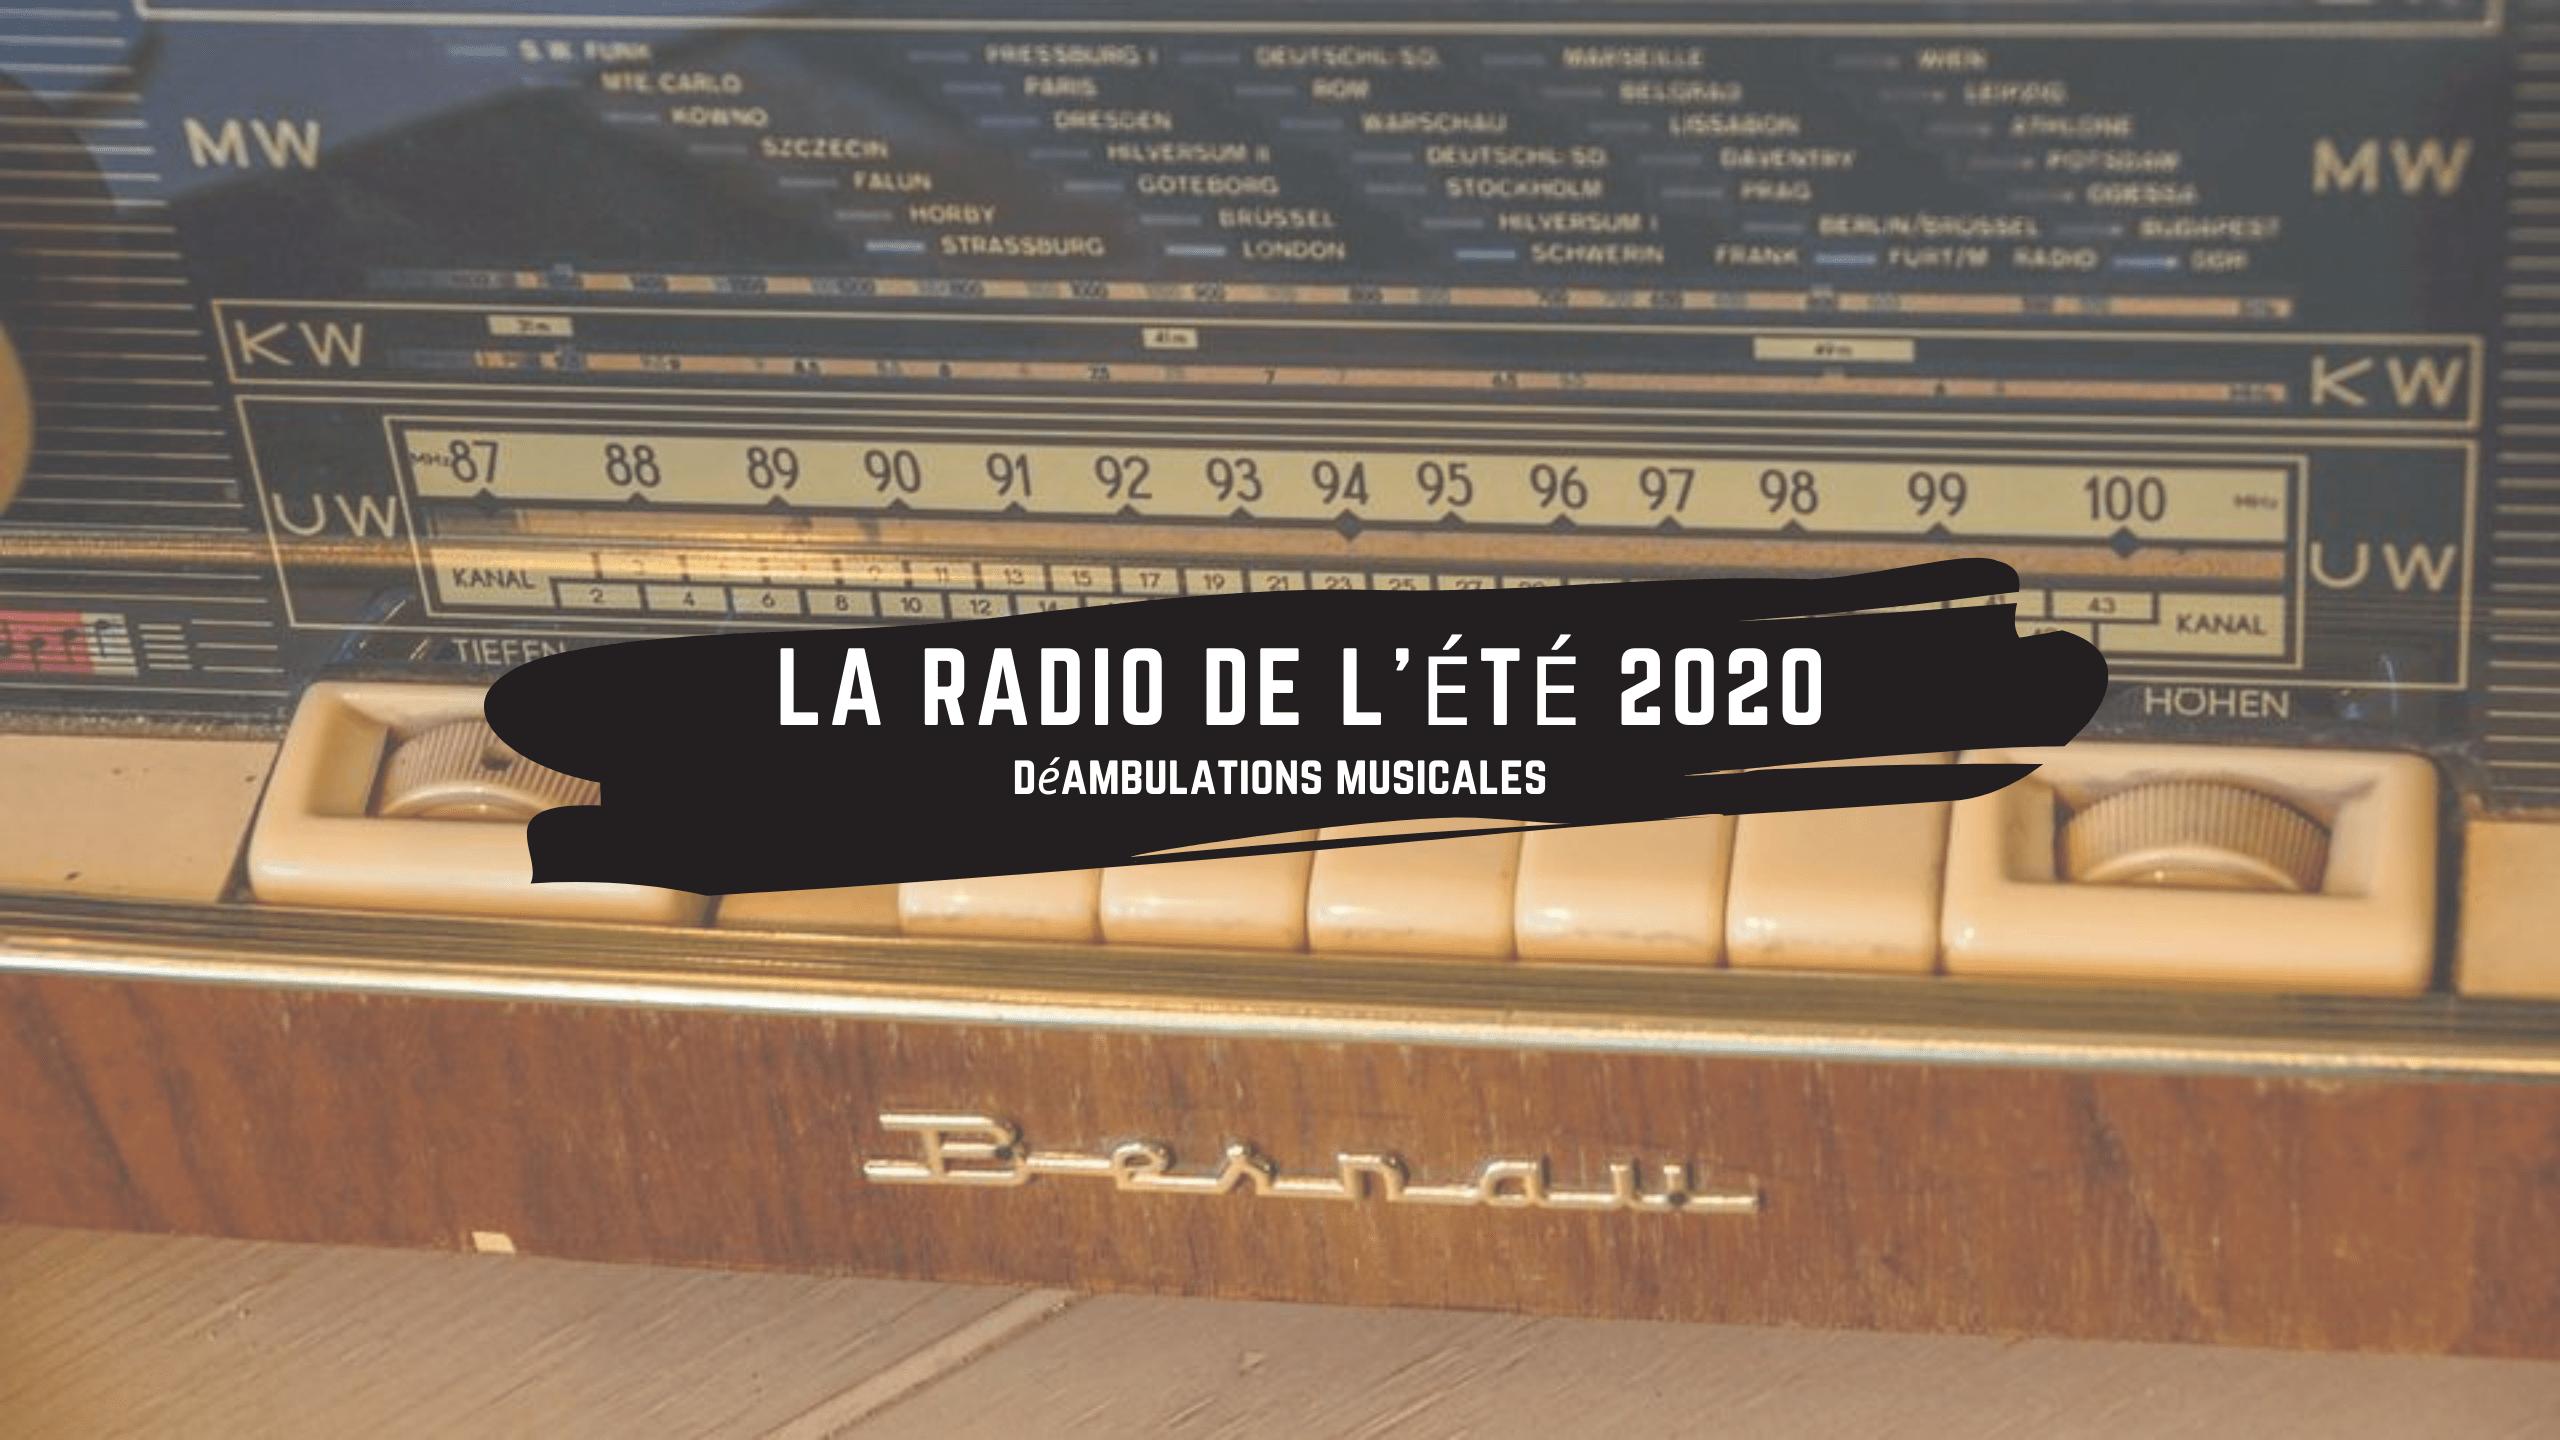 [Sur le Mixcloud de Olivier Boutsi] La Radio de l'été 2020 de Sardequin